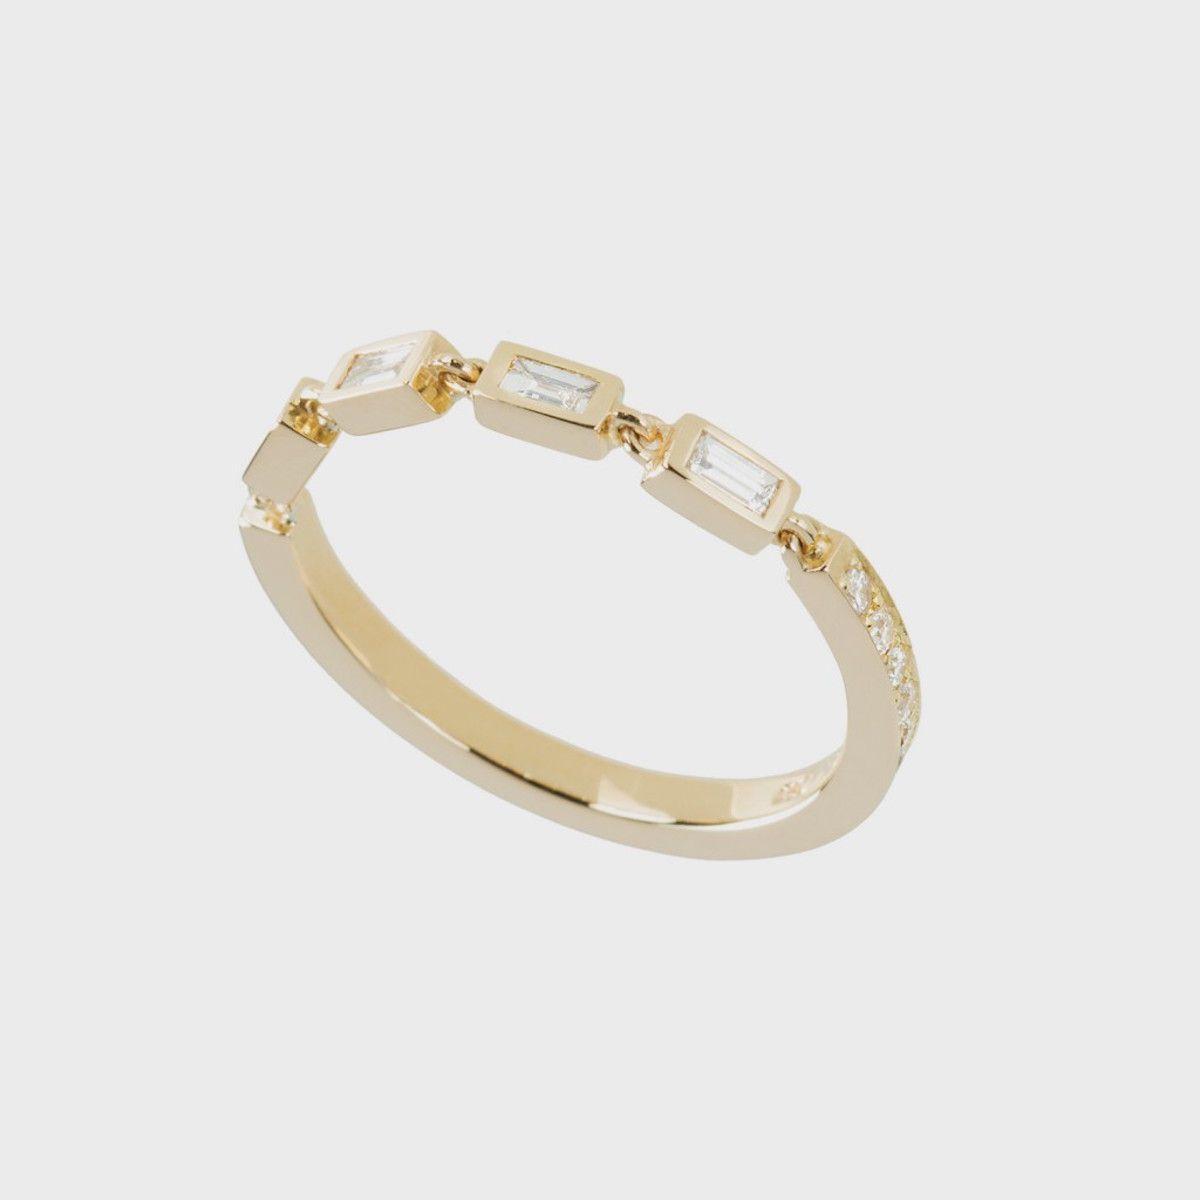 Nikos Koulis Yellow Gold Ring with White Diamonds and White Diamond Baguettes